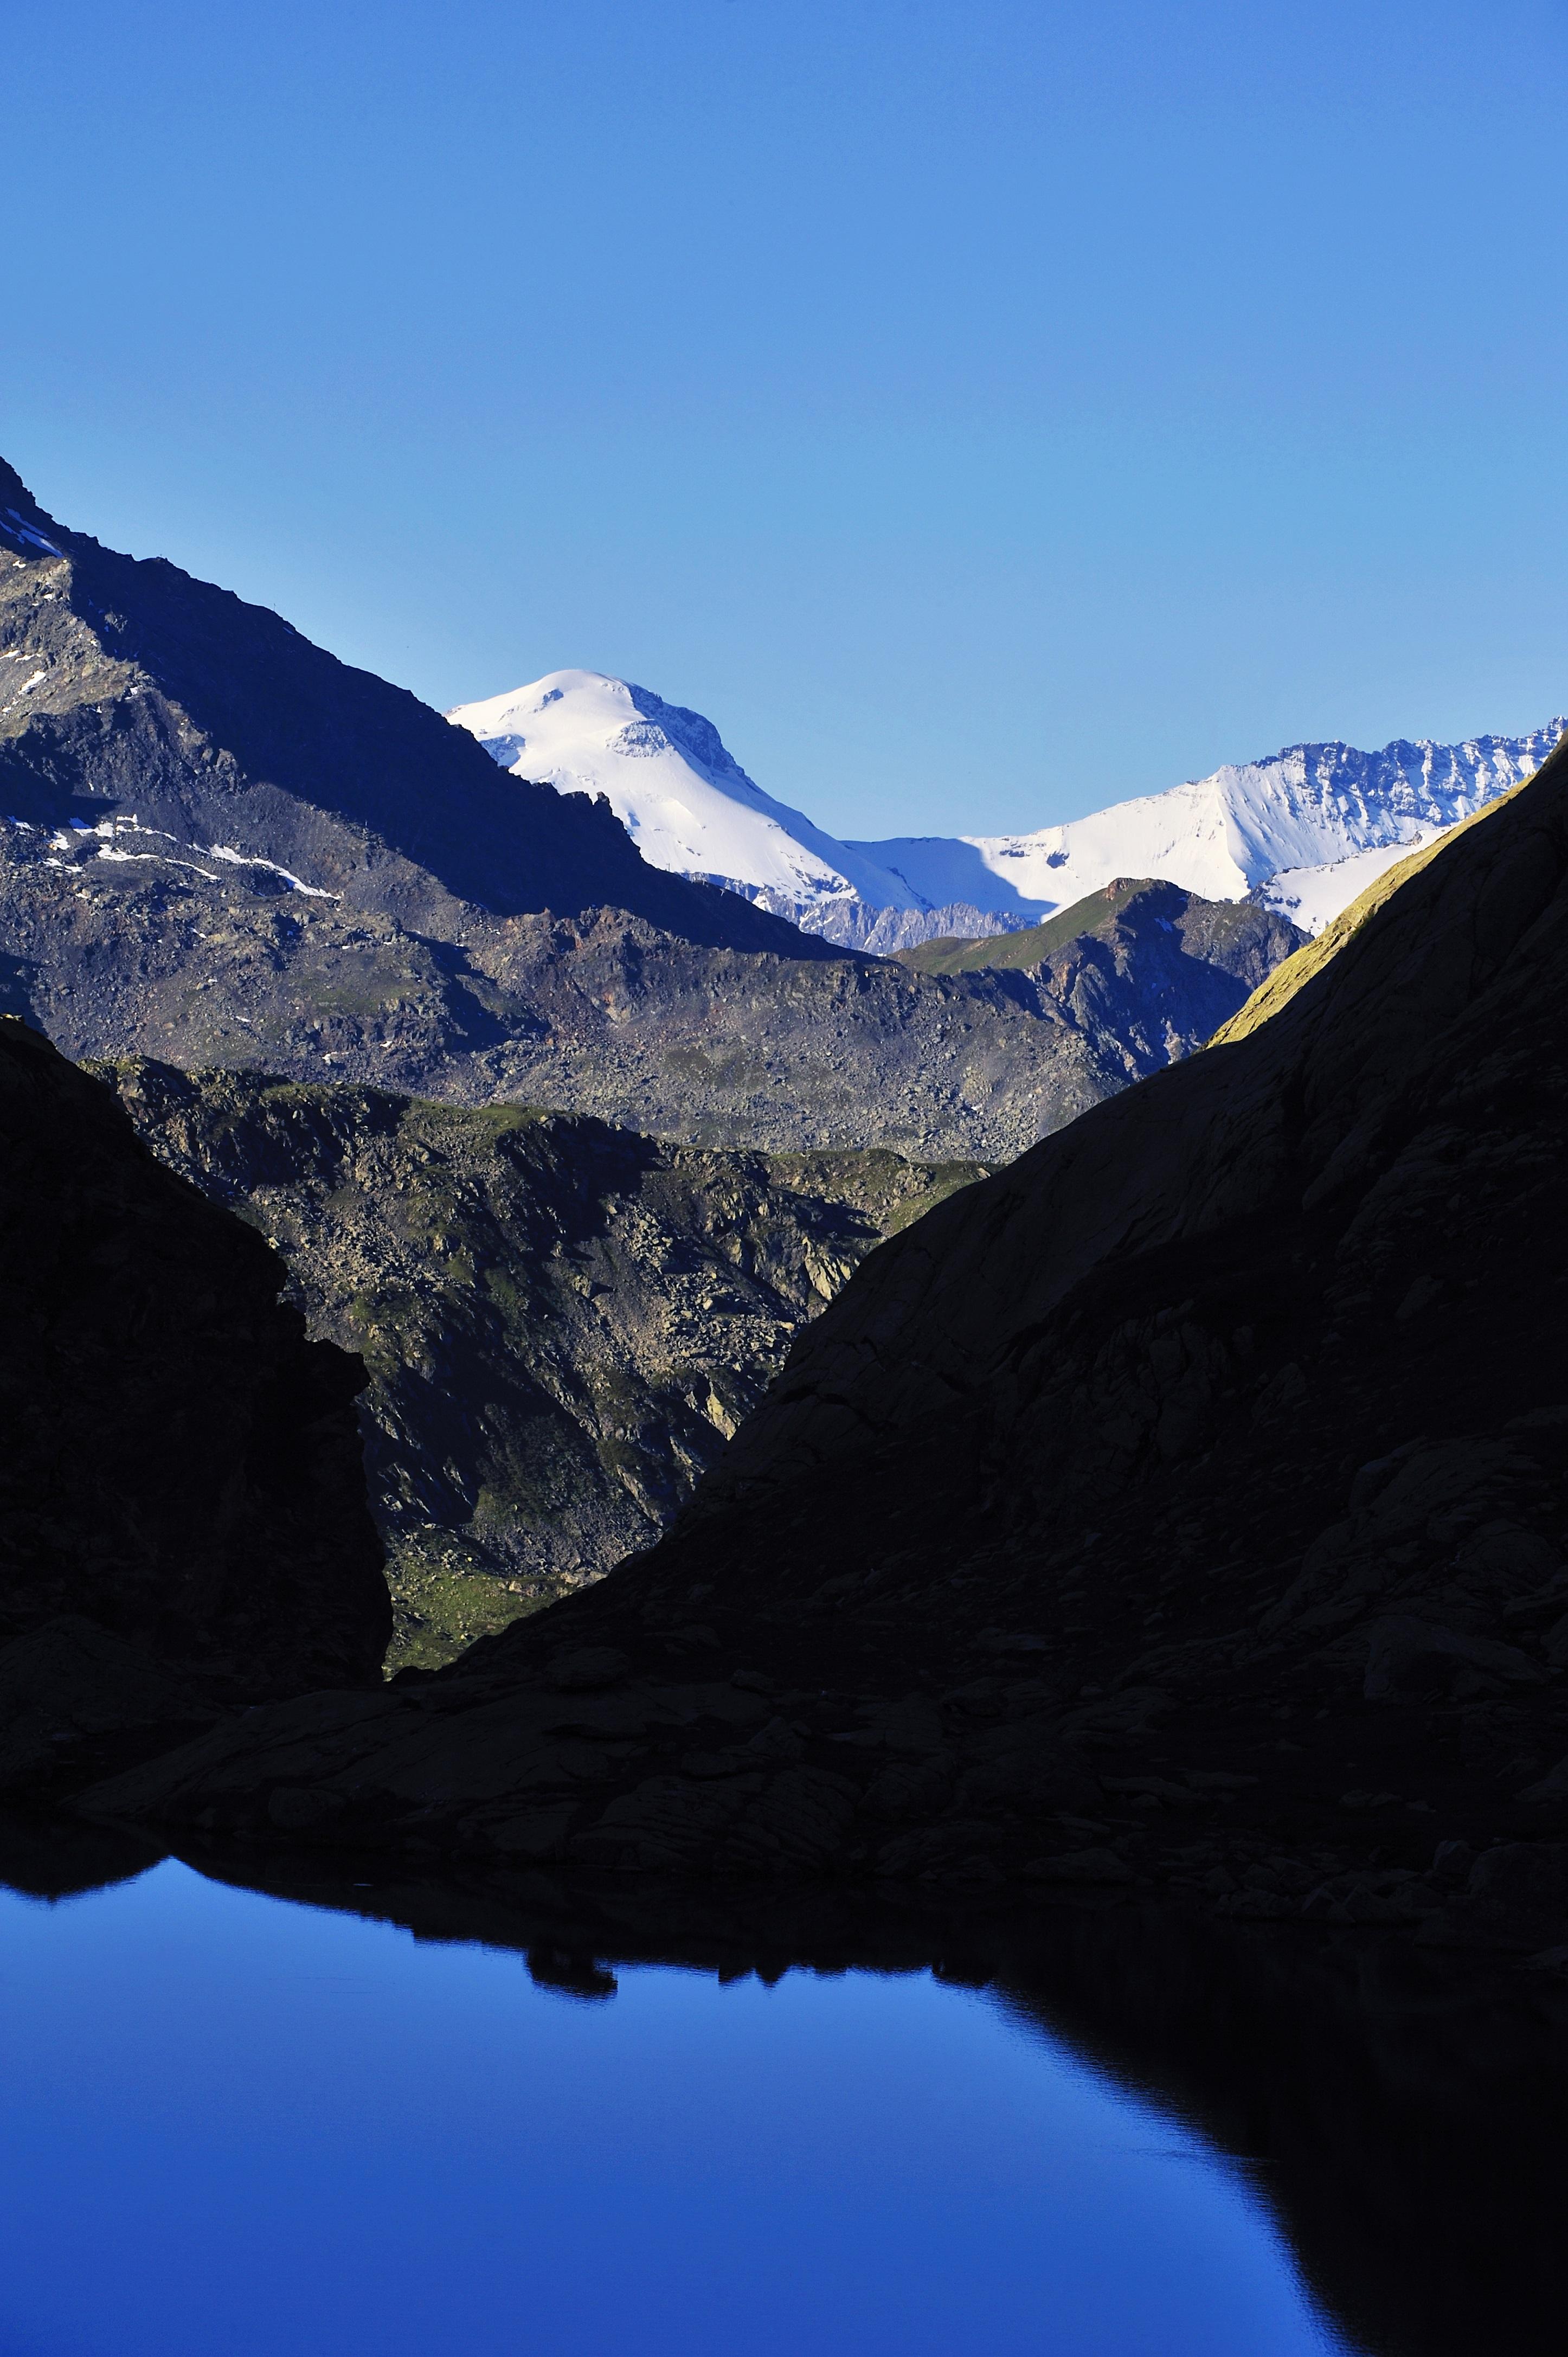 Vue sur La Grande Motte depuis le lac du Petit